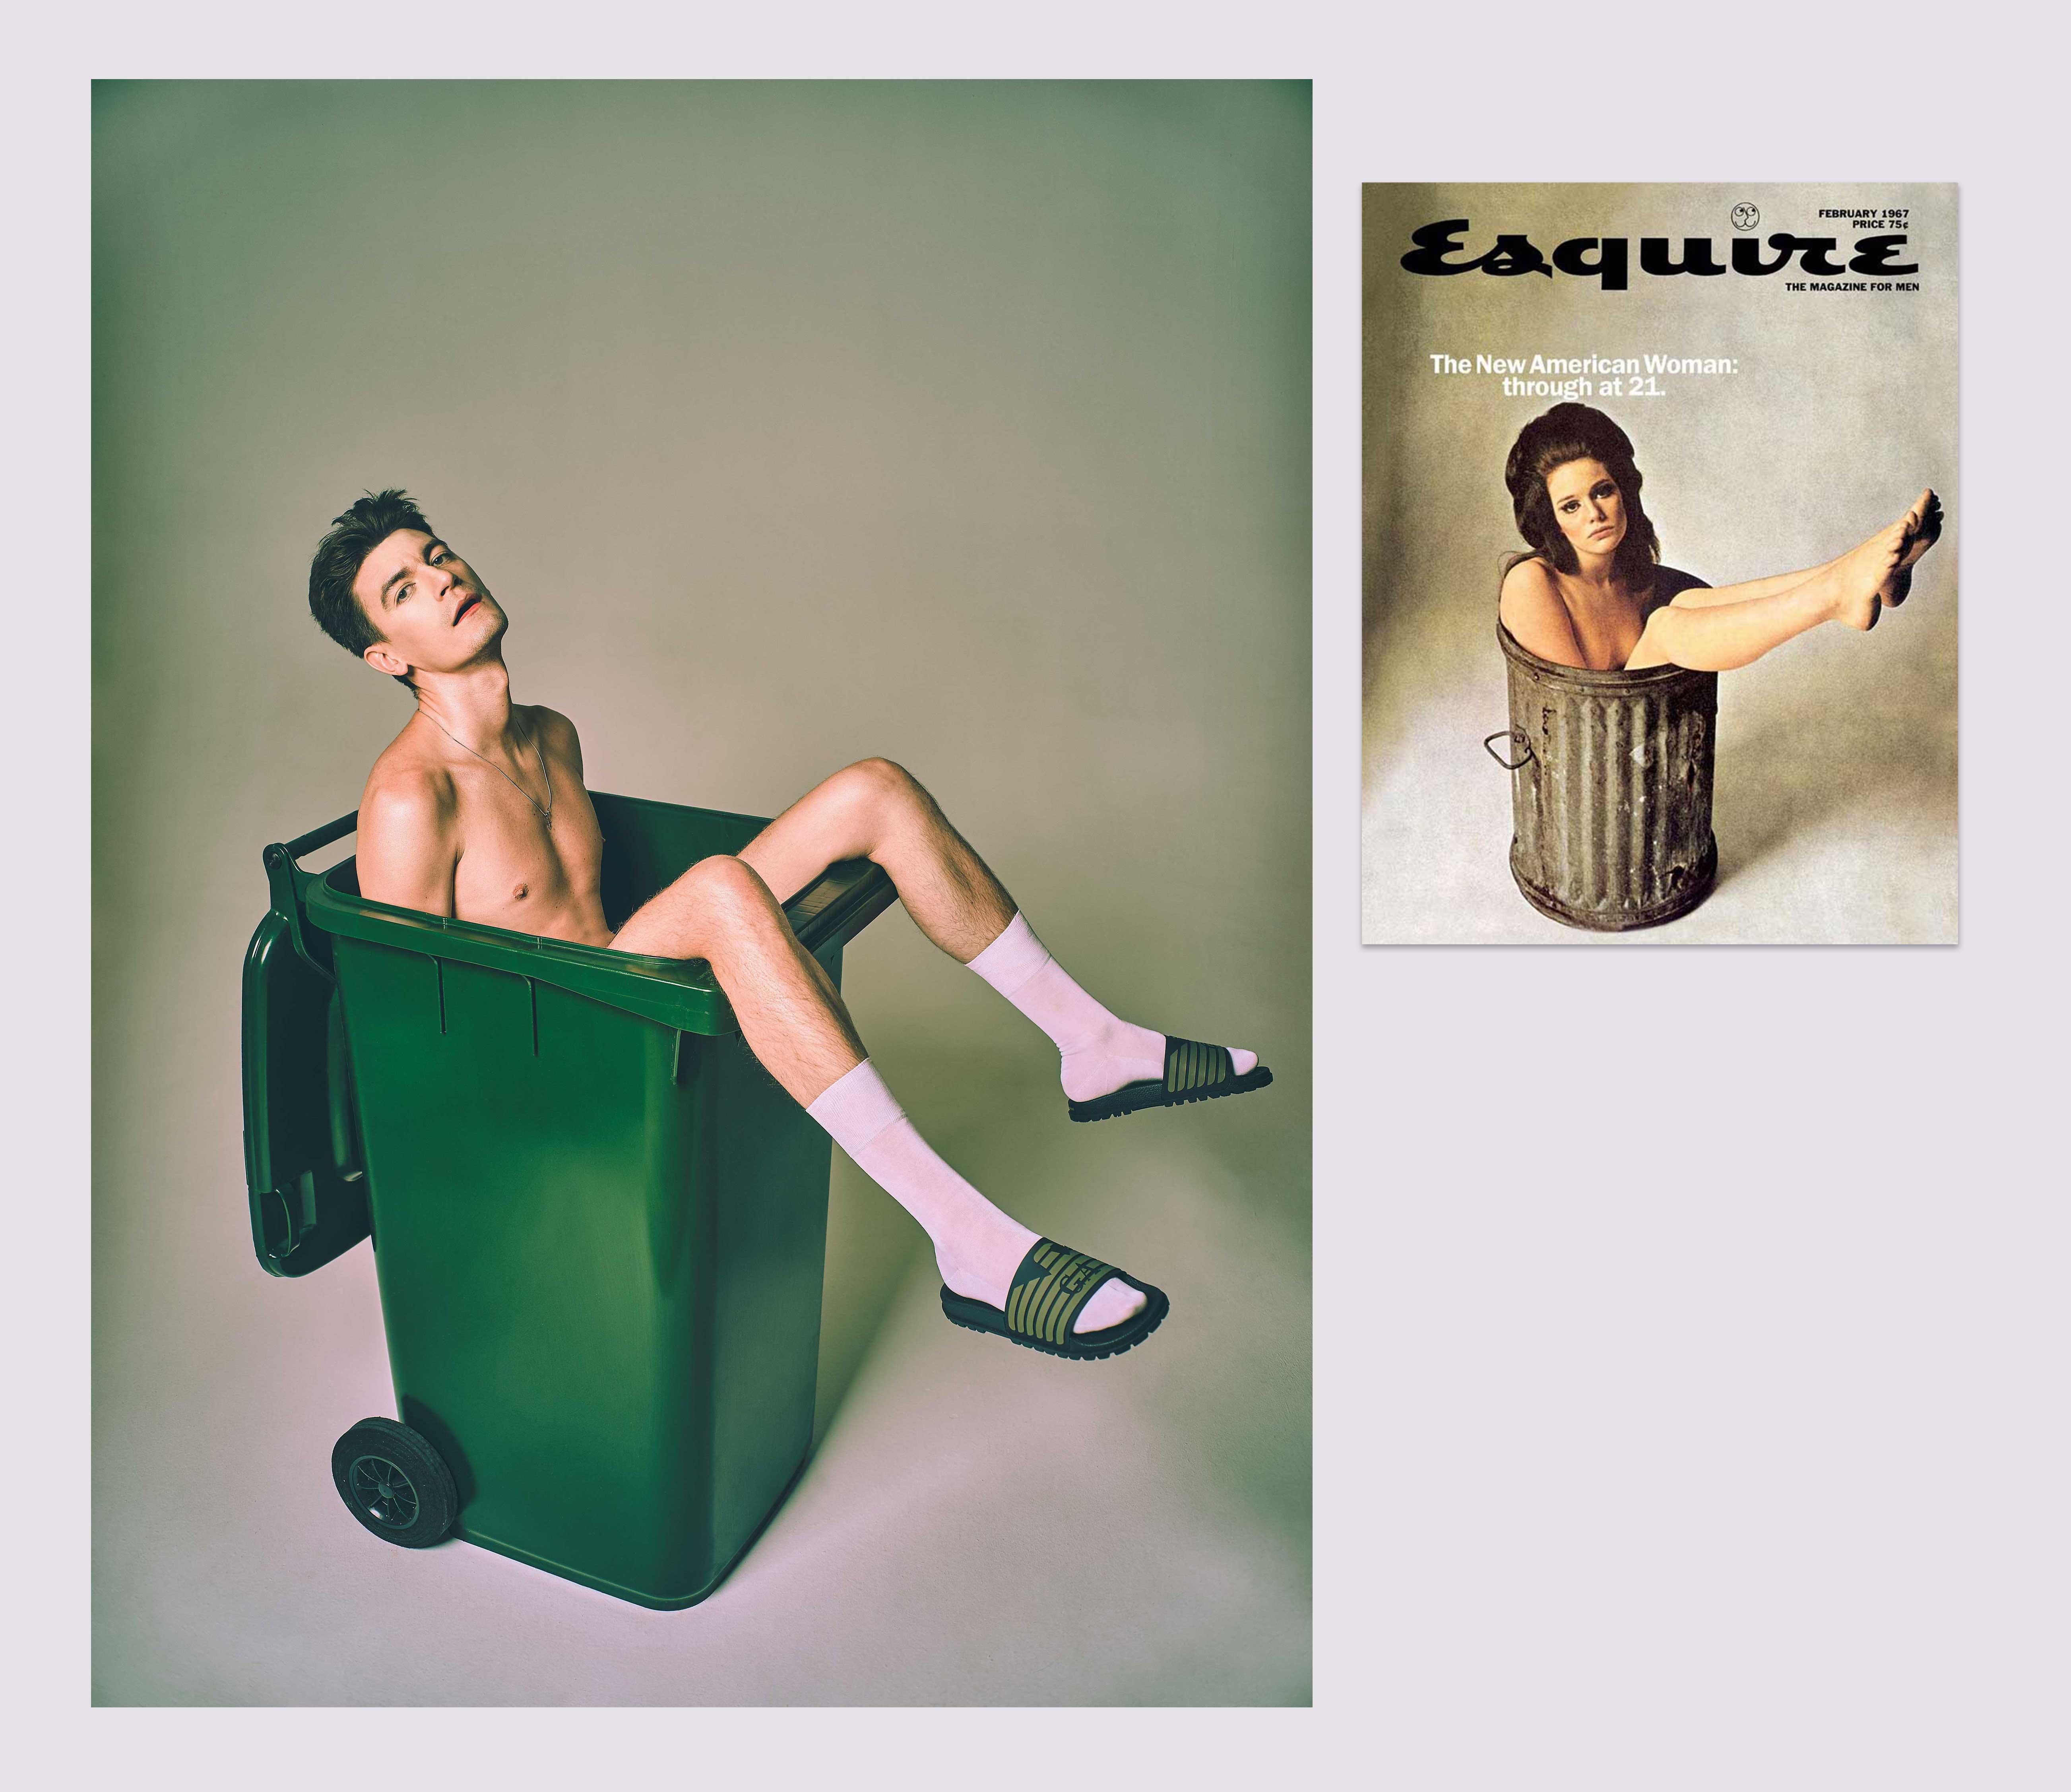 1967 год «Новая американская женщина: выбросить в21» – обложка февральского номера американского Esquire.